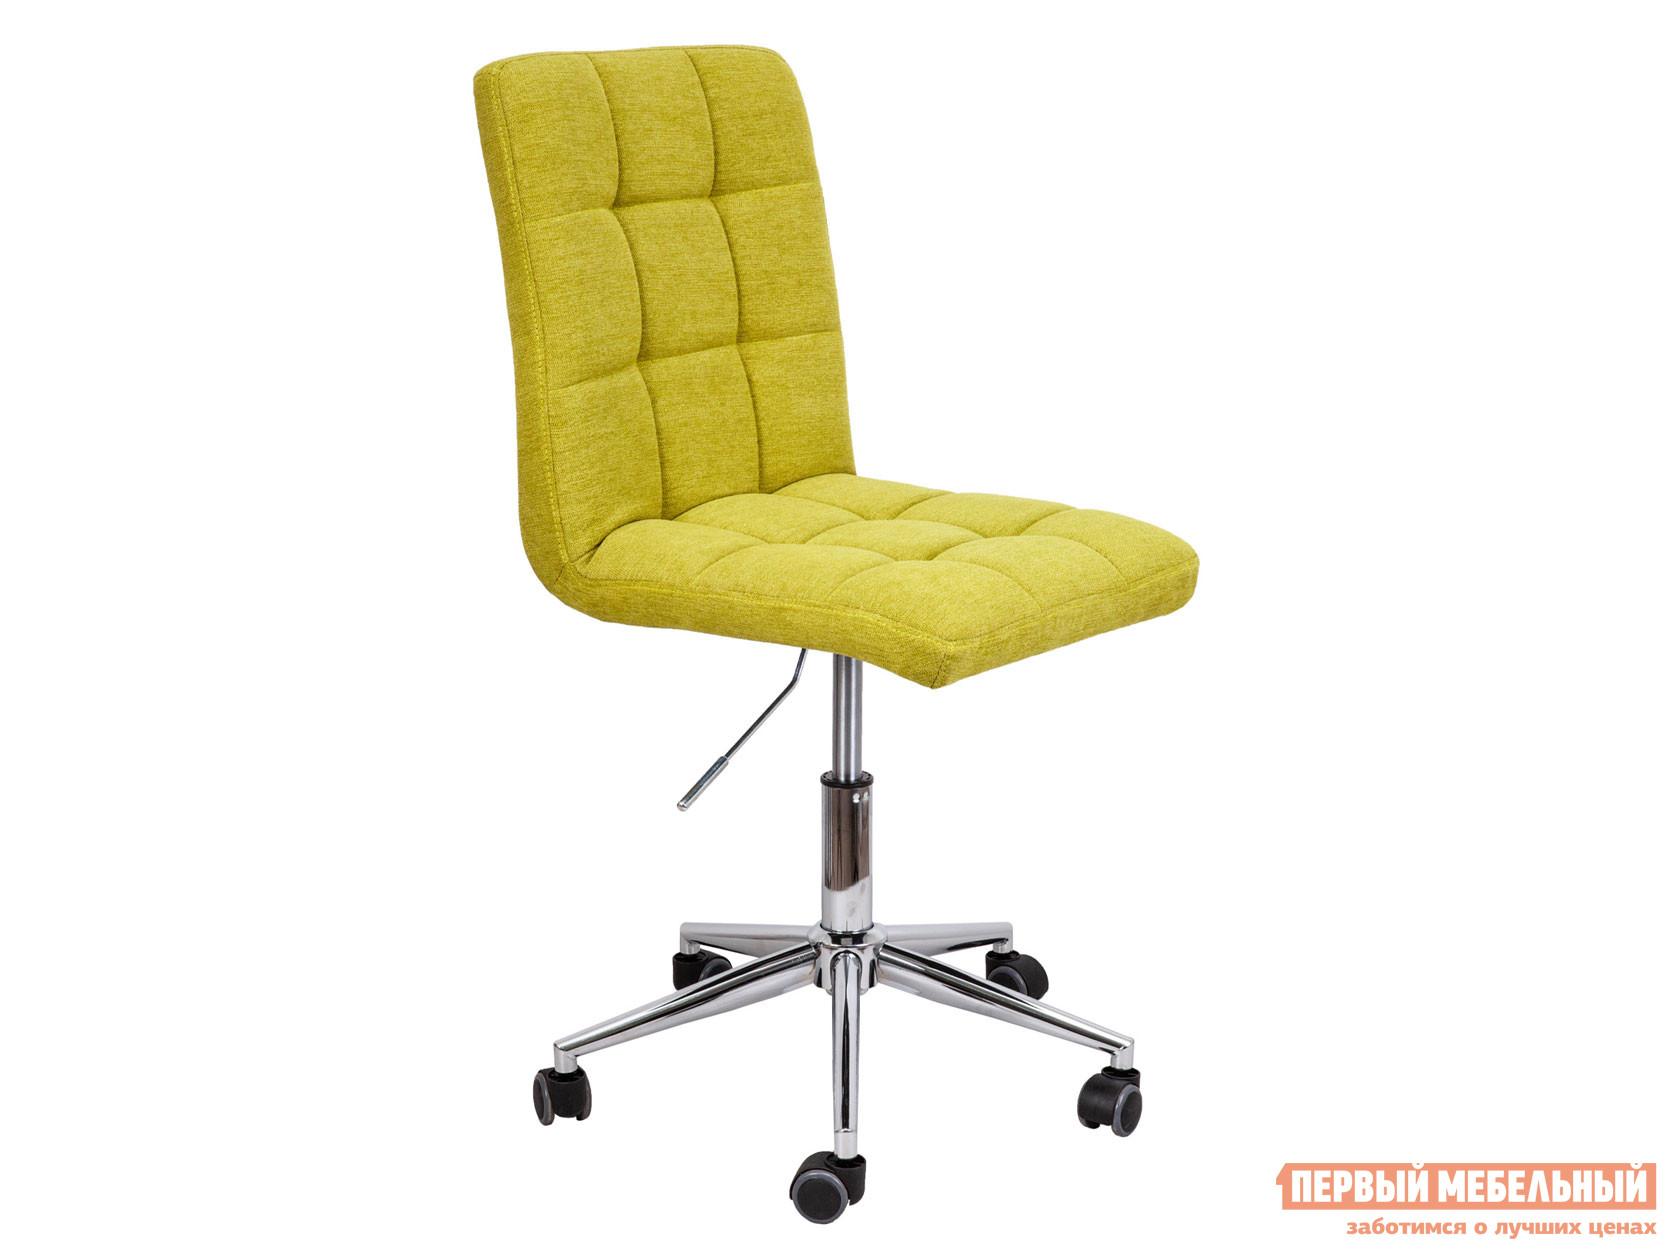 Офисное кресло  Стул FIJI, поворотный Салатовый, ткань / Хром Sedia 124909